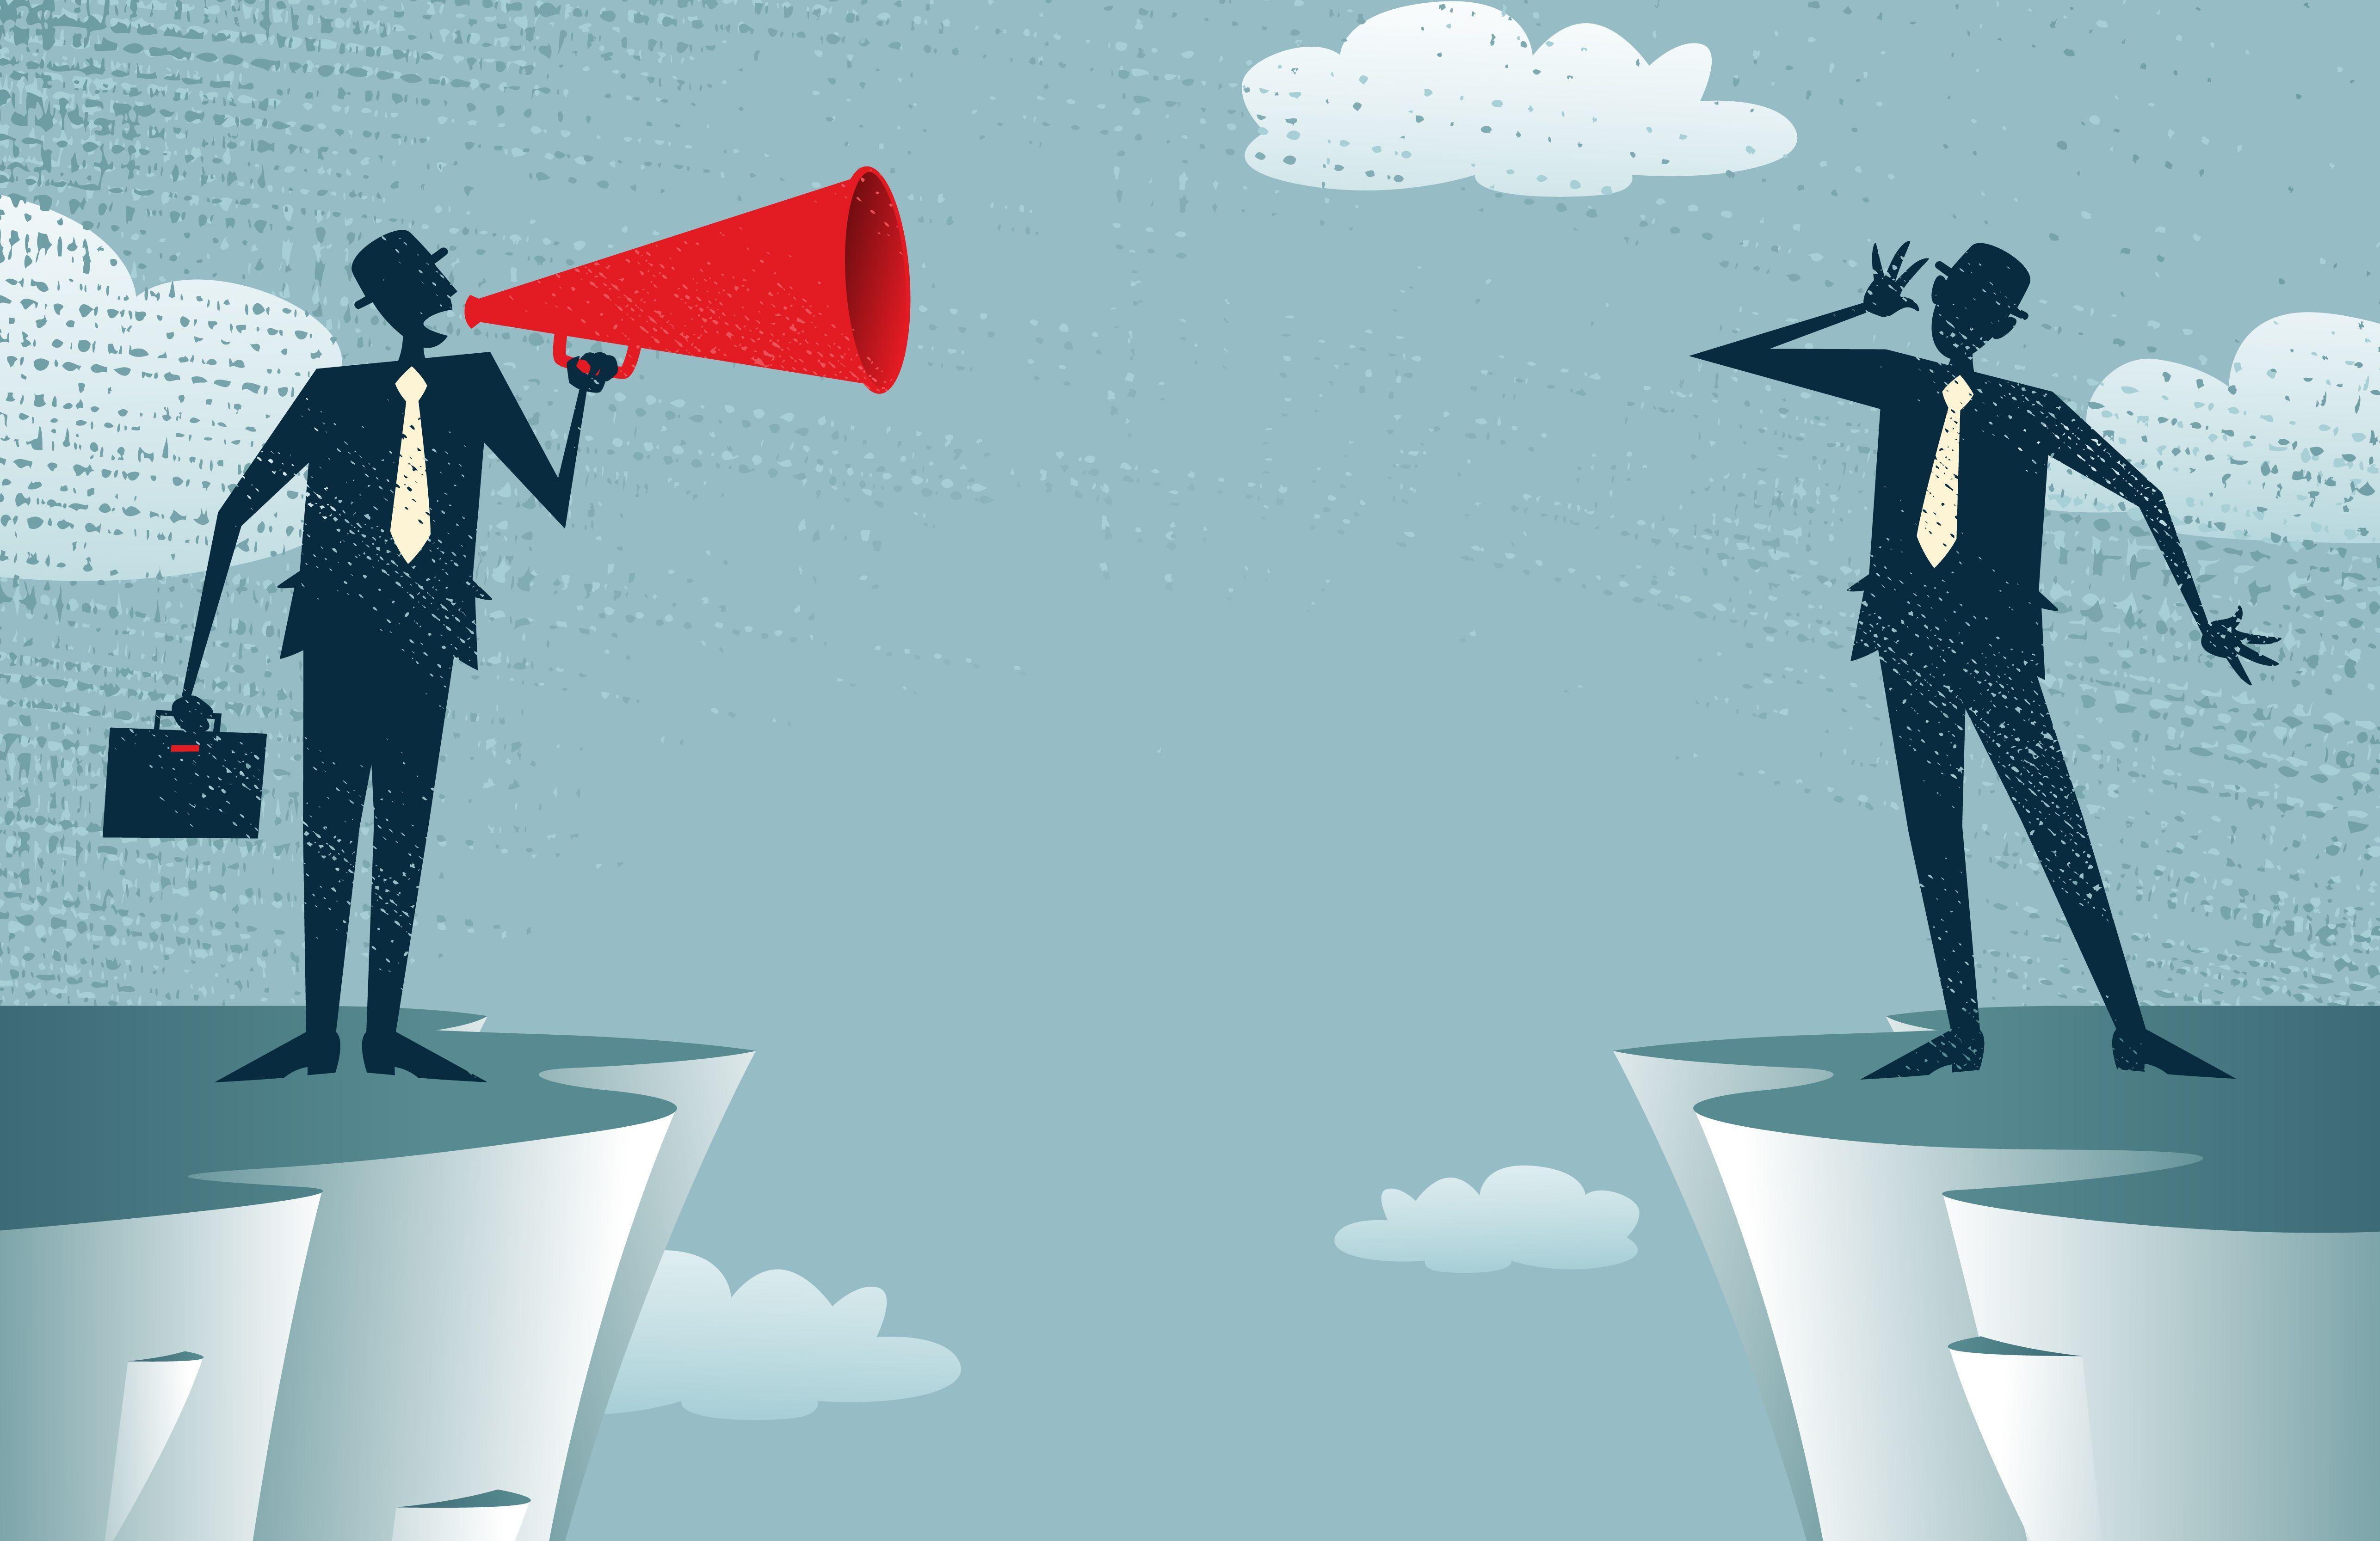 Przewagą w pozyskaniu kandydatów staną się szybkie dotarcie i dobra komunikacja z rekruterem. (Fot. Shutterstock)